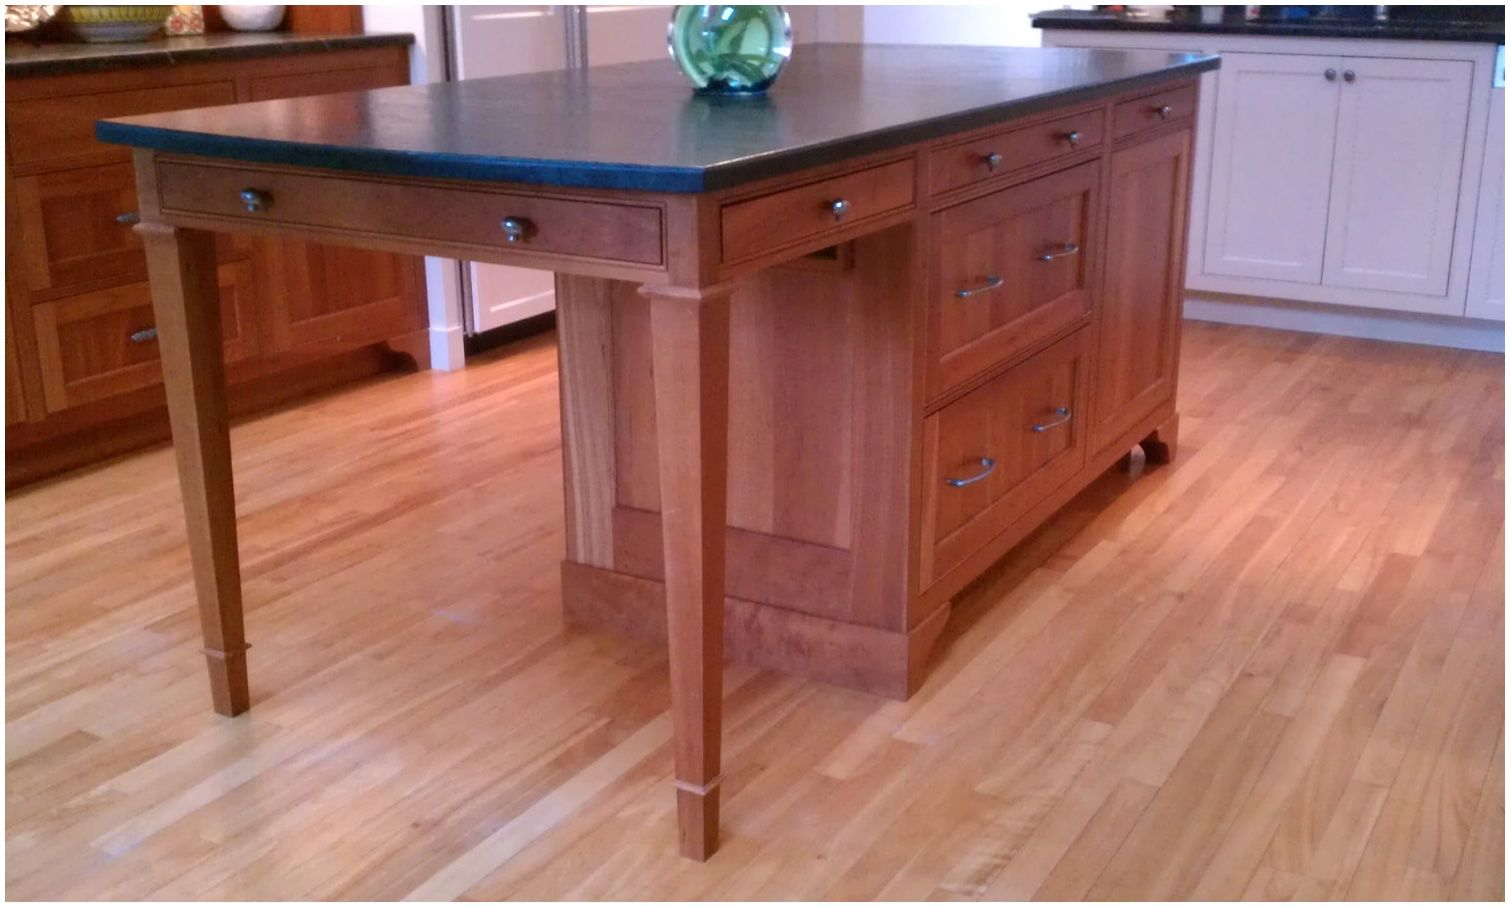 Küche Insel Mit Tisch Kombination   Kücheninsel tisch, Schmale kücheninsel, Kücheninsel ikea